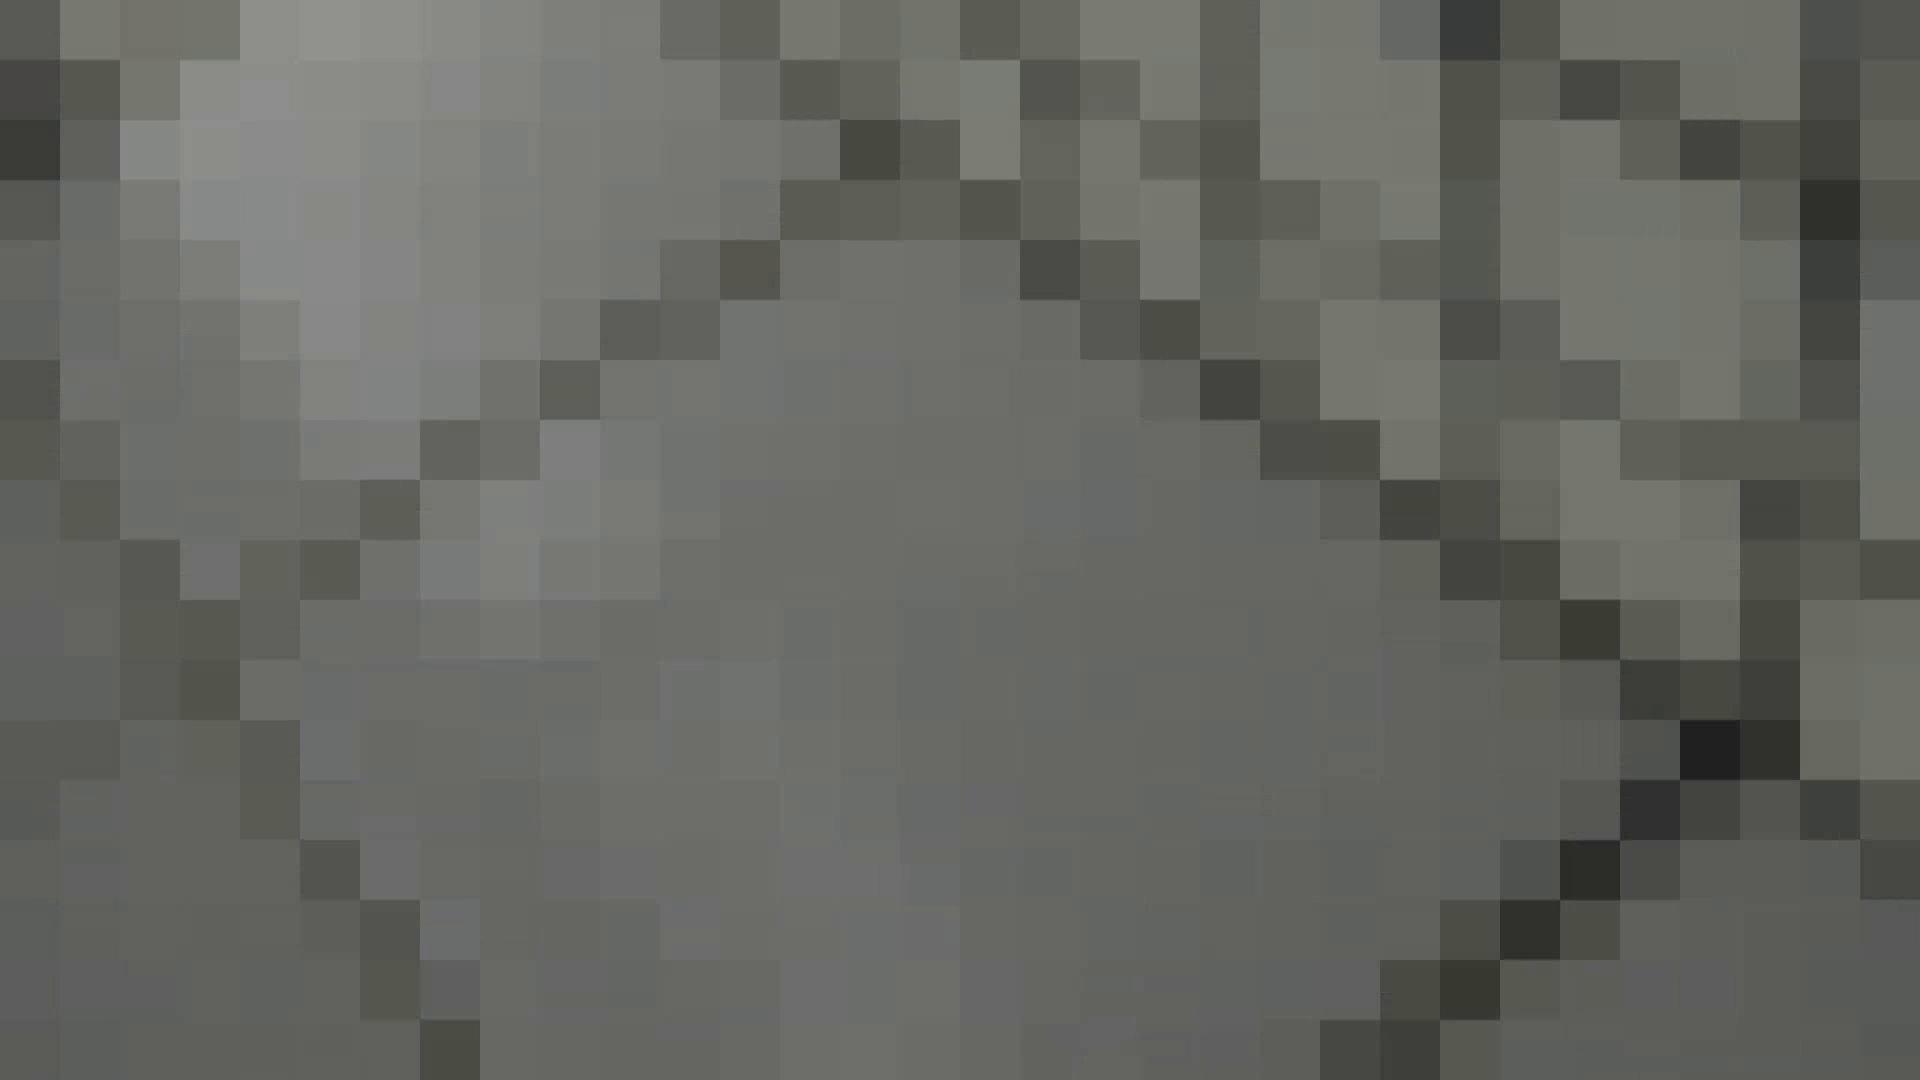 洗面所特攻隊vol.011 高画質 | 洗面所  94画像 52